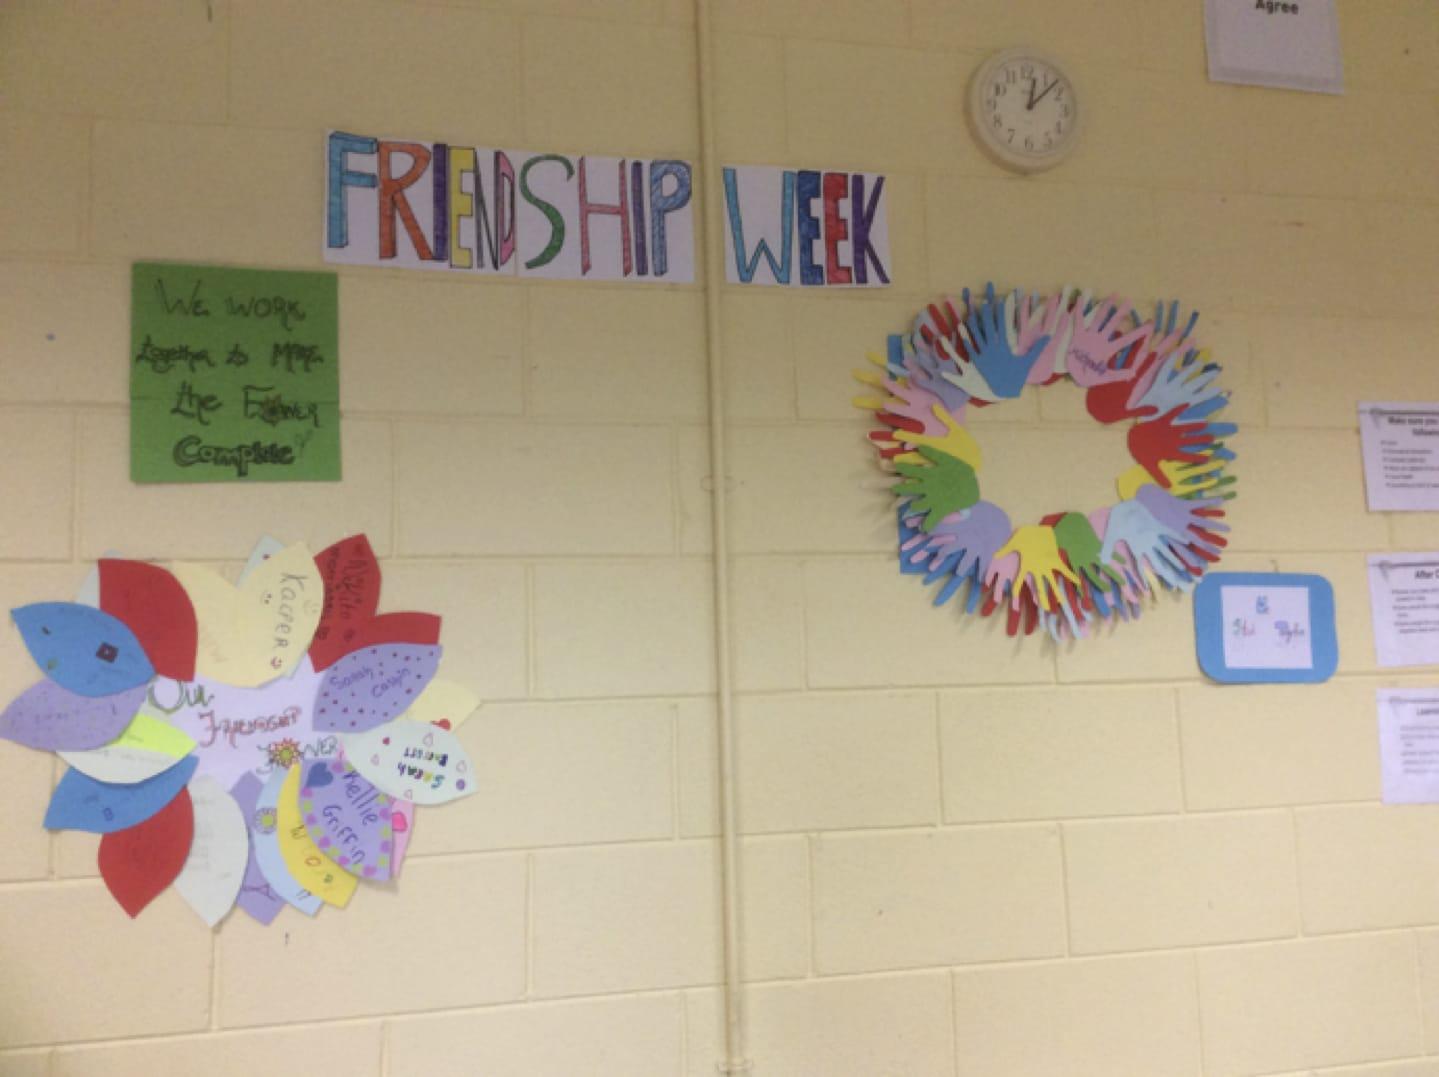 23rd - 27th Oct 2017: Friendship week in Desmond College